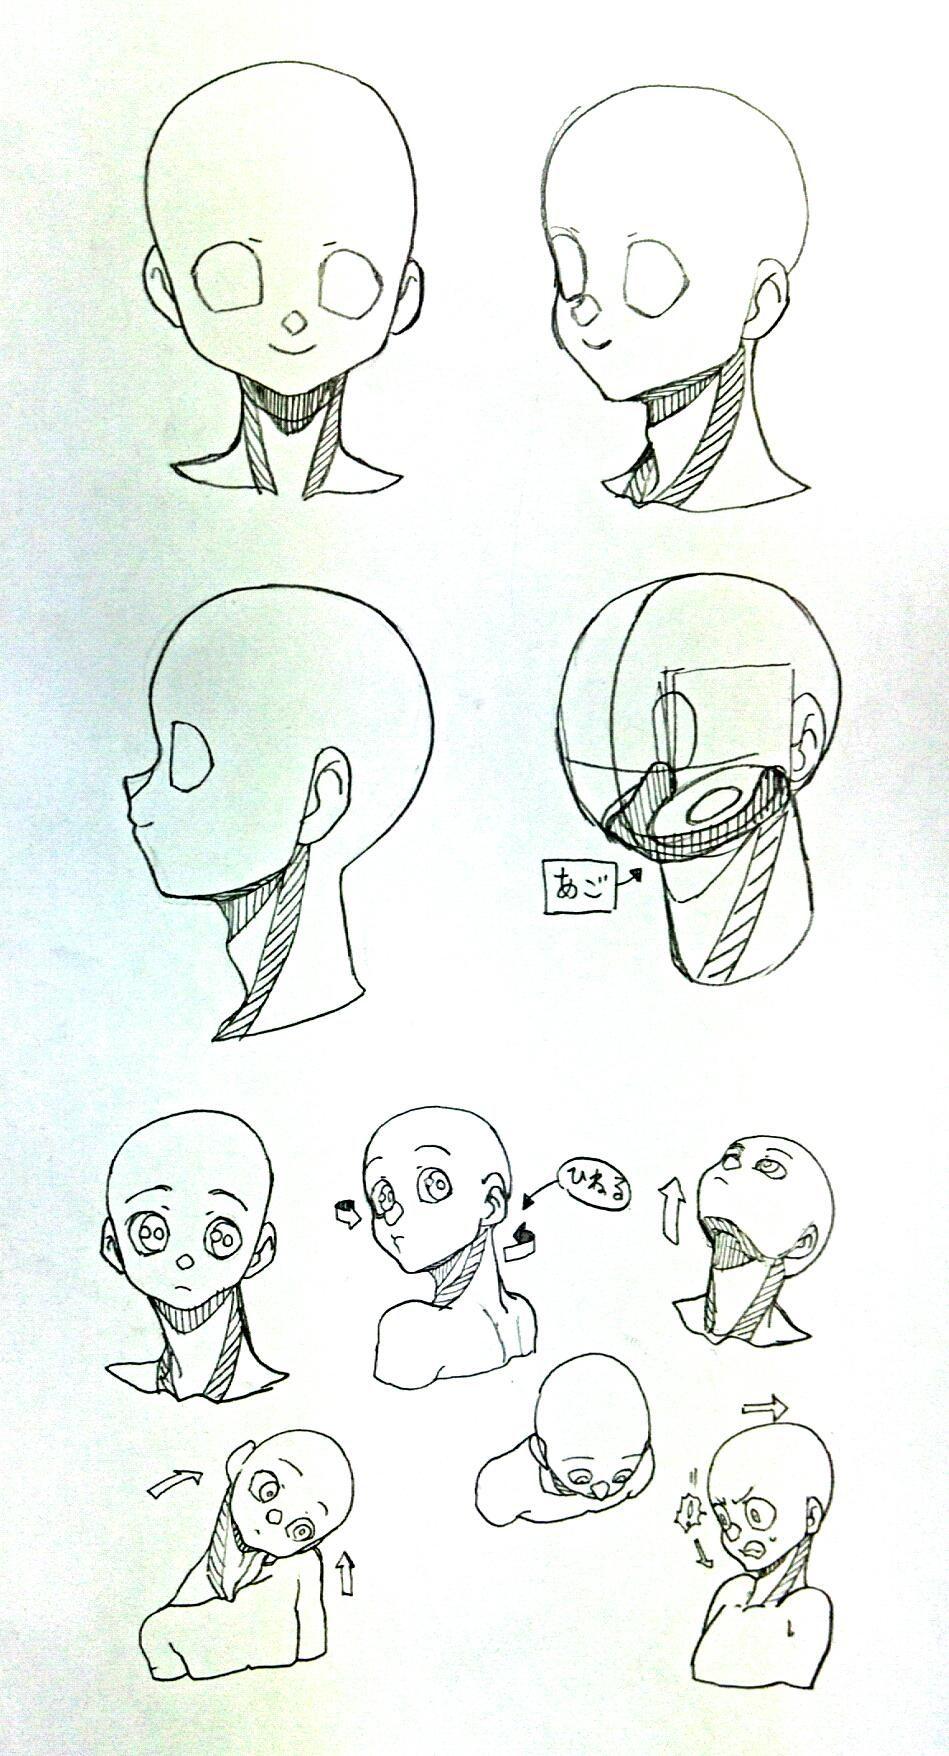 おシャケ on | Anatomía, Dibujo y Dibujar